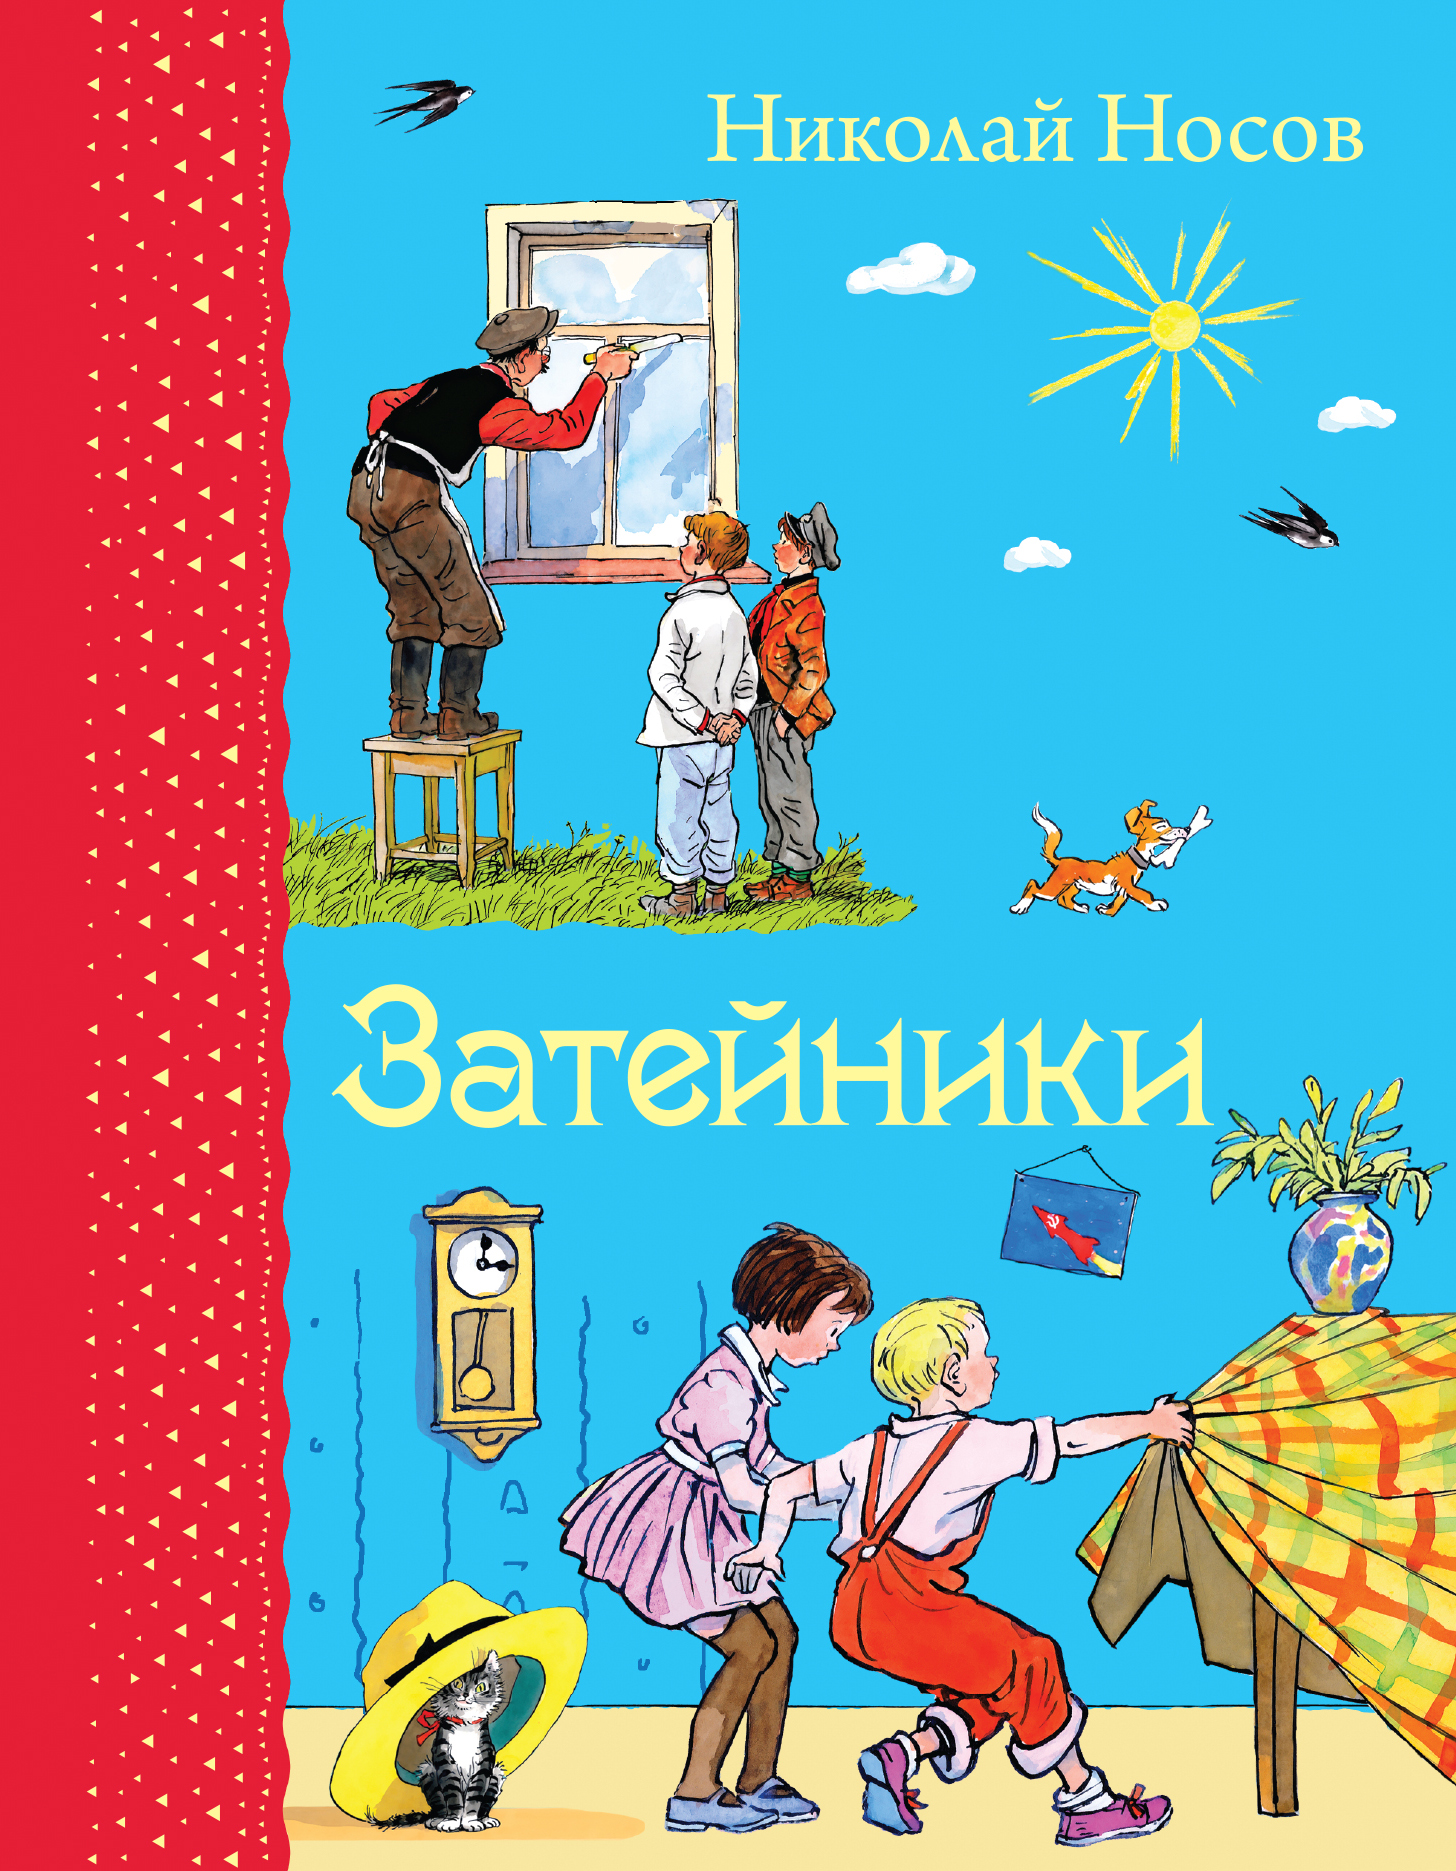 Носов Н.Н. Затейники (ил. И.Семенова)